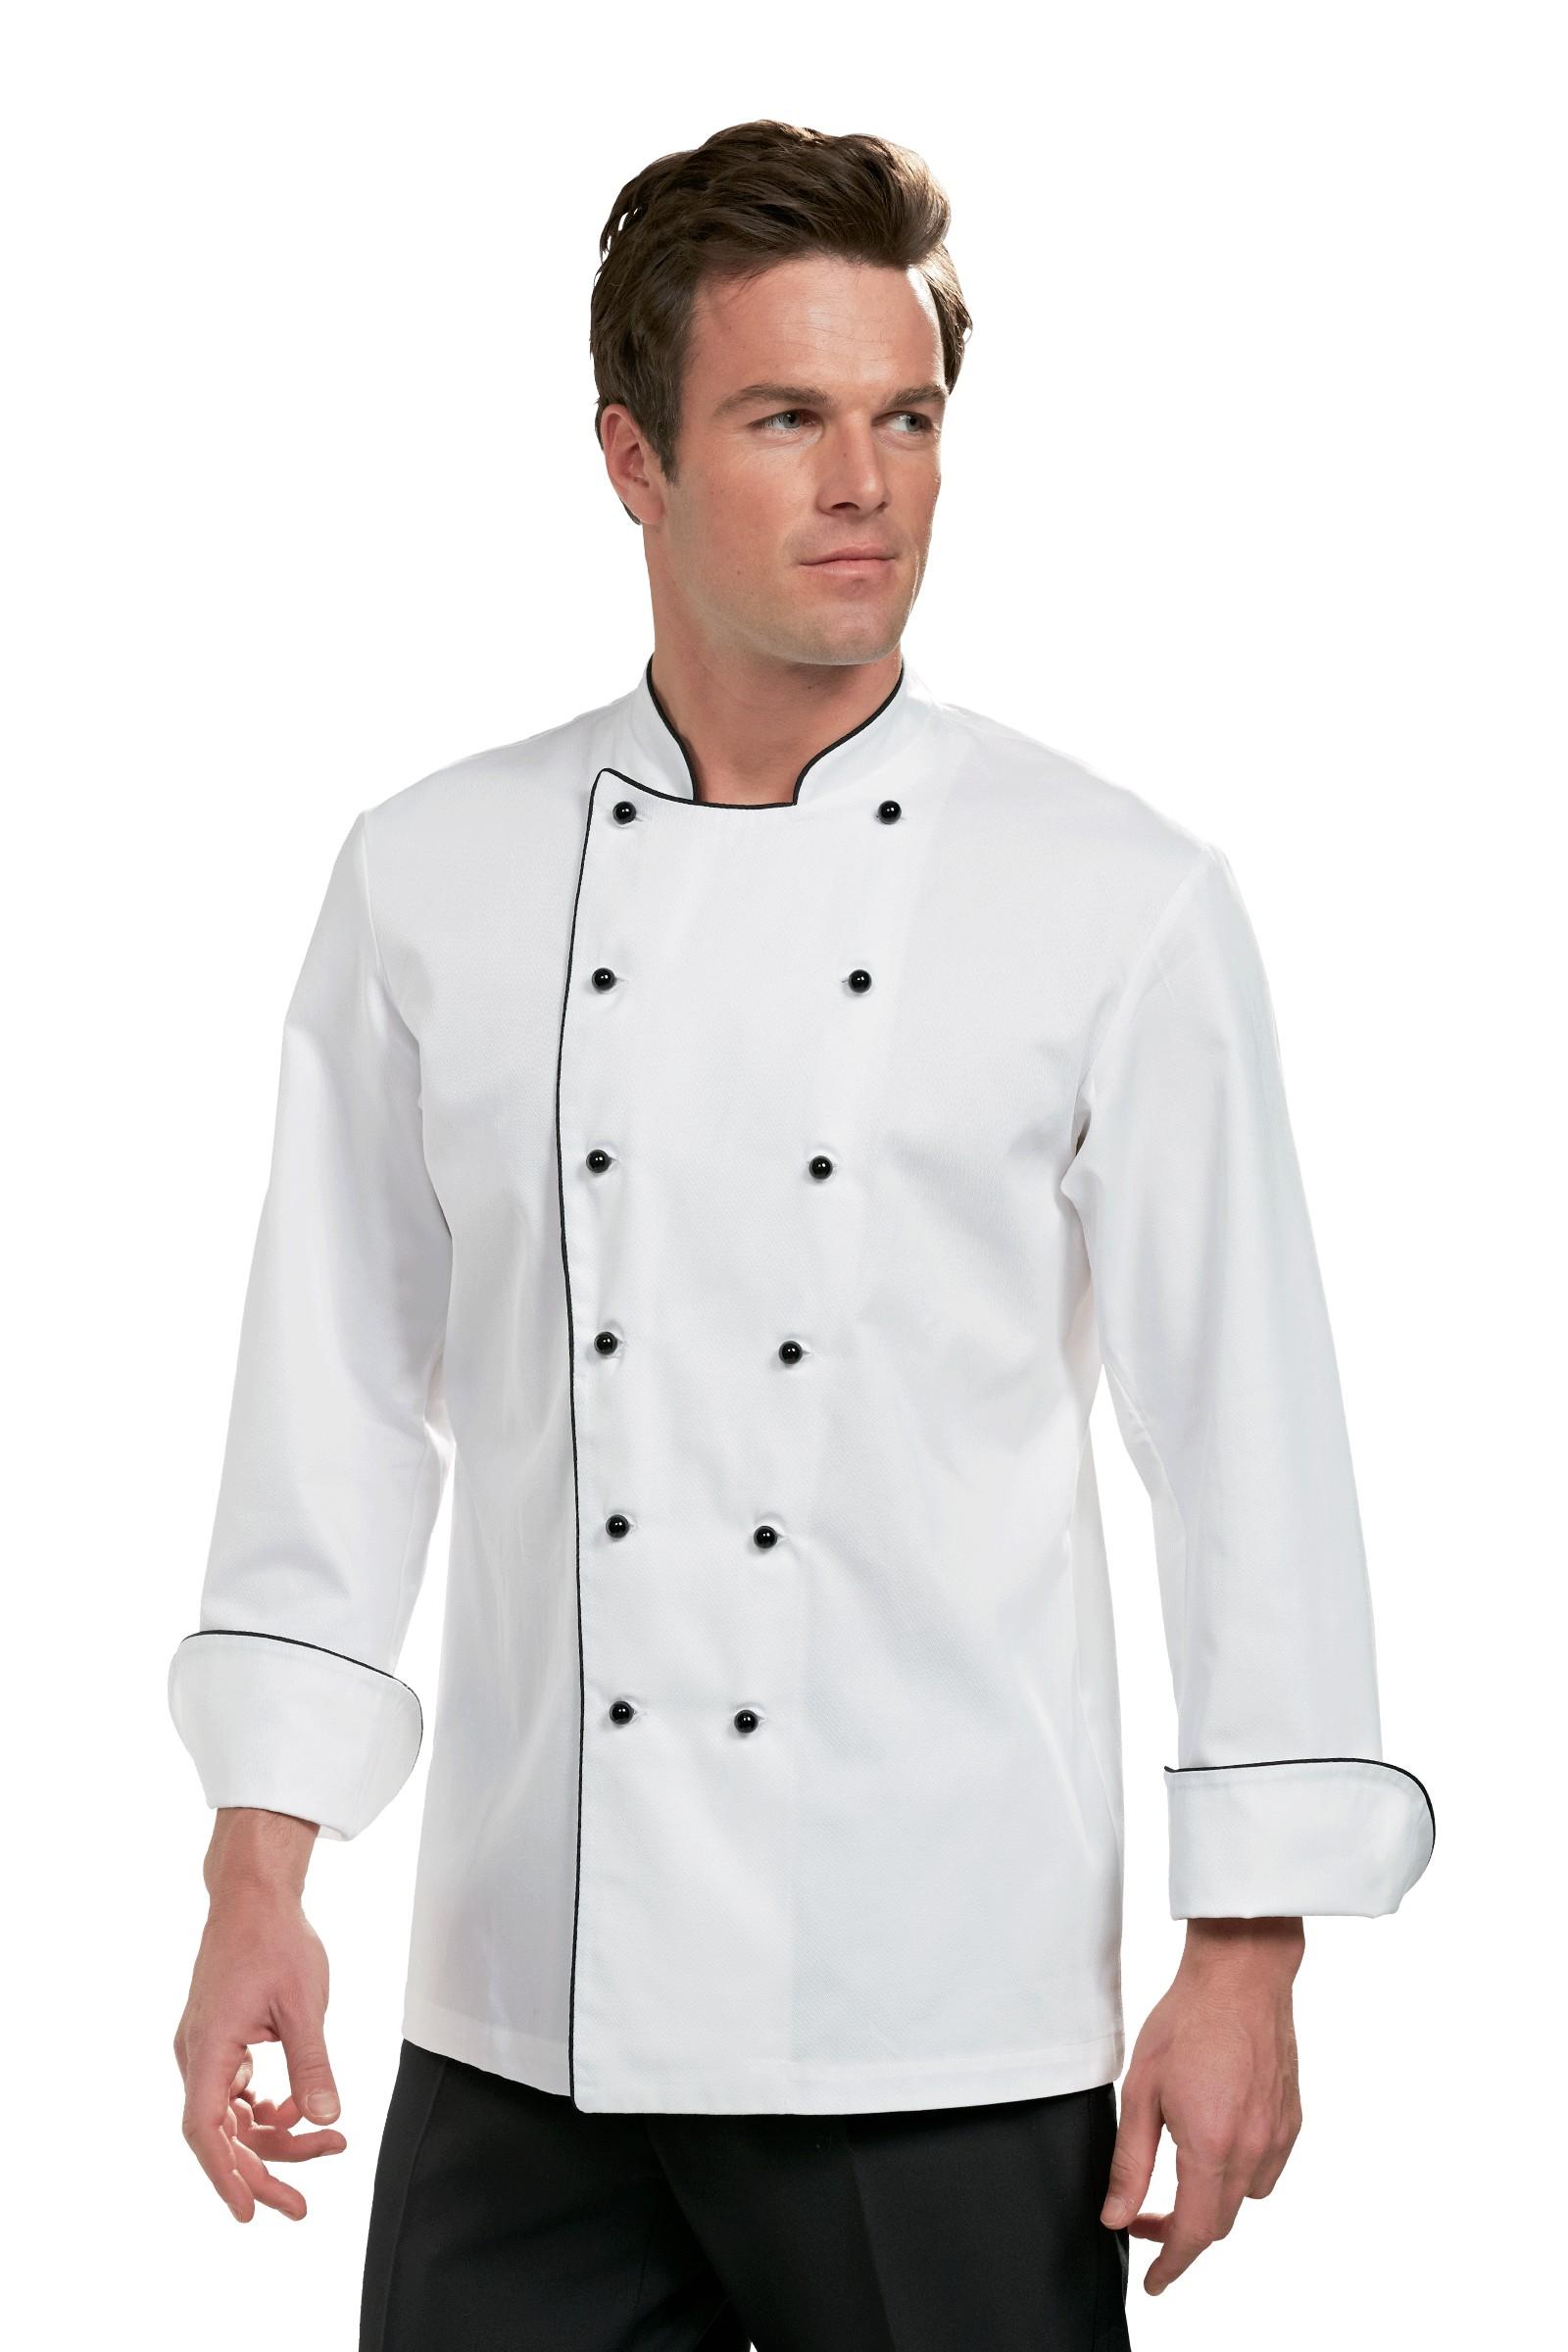 Chaquetillas de cocina narvica blanco - Chaquetillas de cocina ...